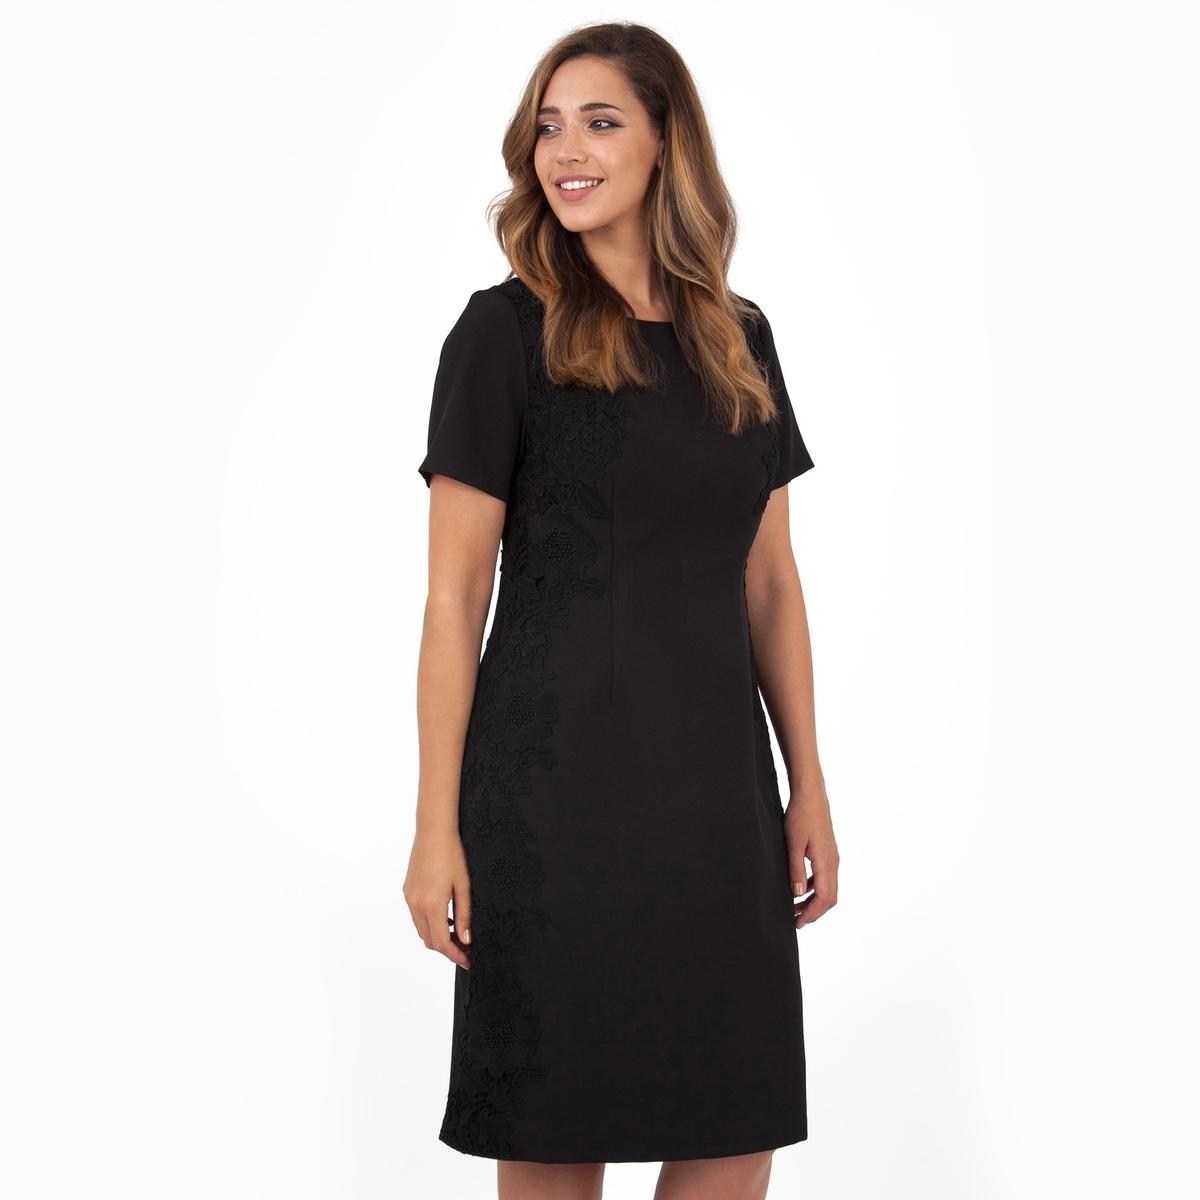 ПлатьеПлатье с короткими рукавами - KOKO BY KOKO. Кружевные детали по бокам, застежка на молнию сзади. Длина ок.104 см. 100% полиэстера.<br><br>Цвет: черный